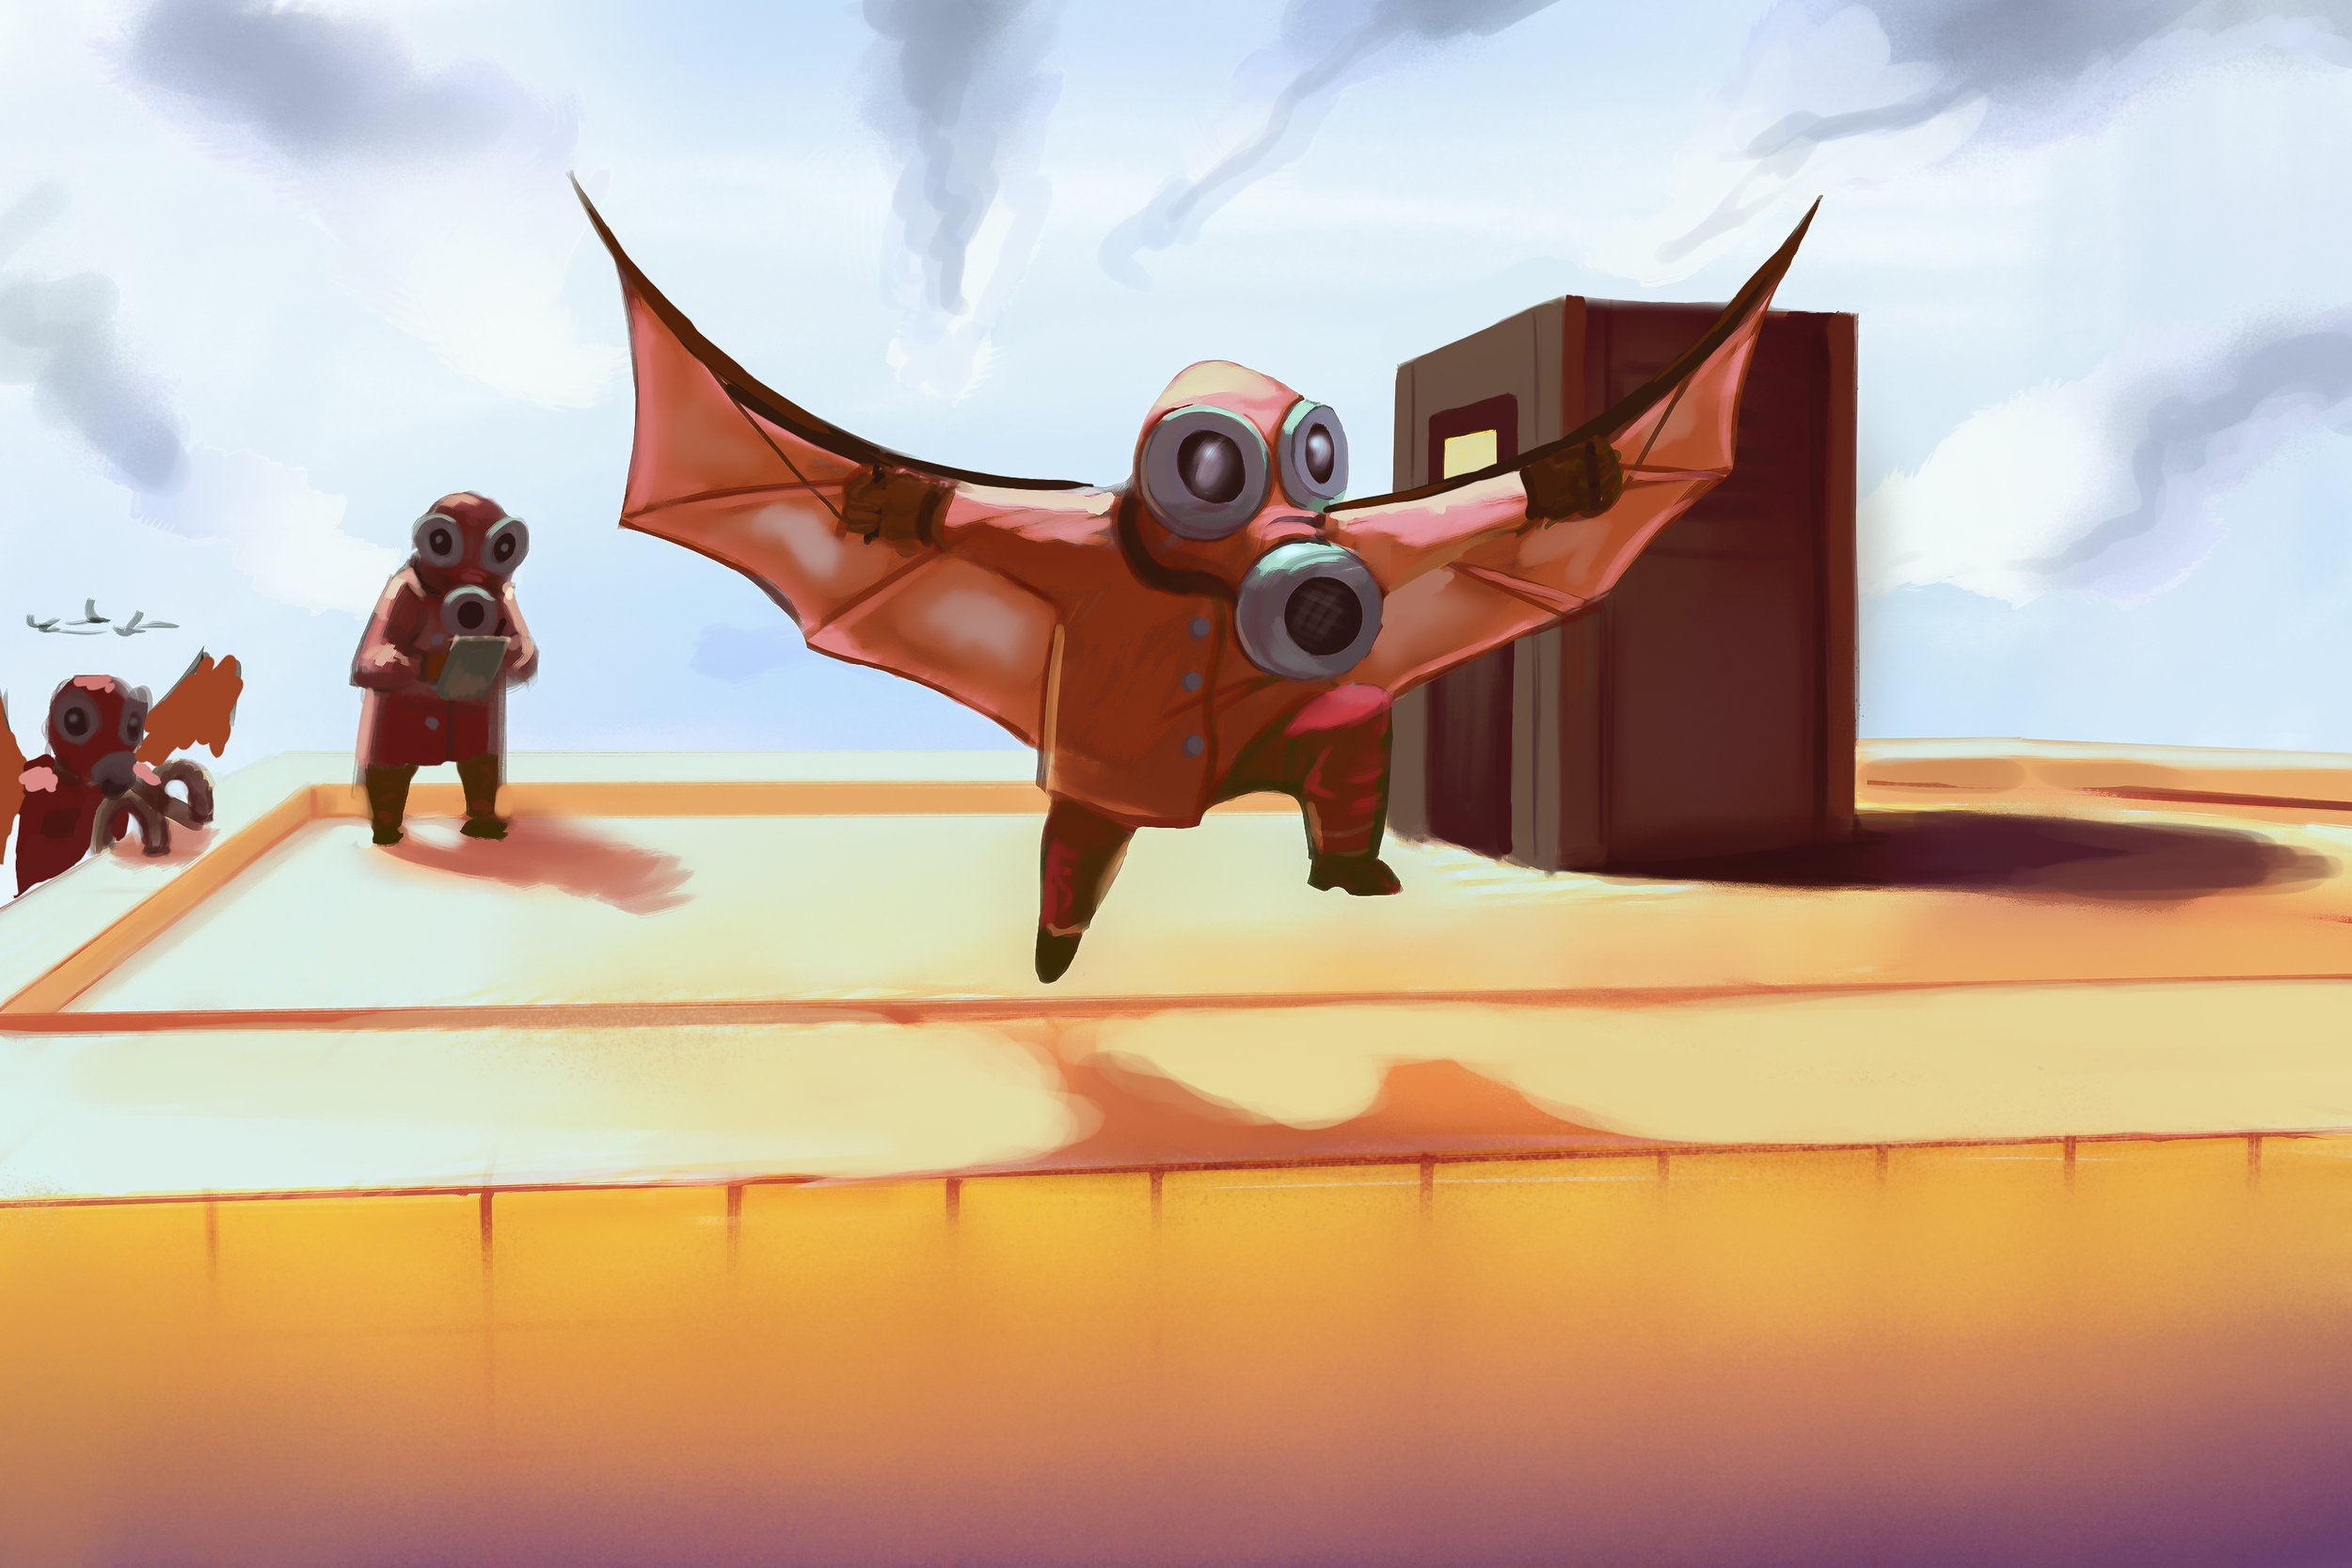 Kufar – Flying test